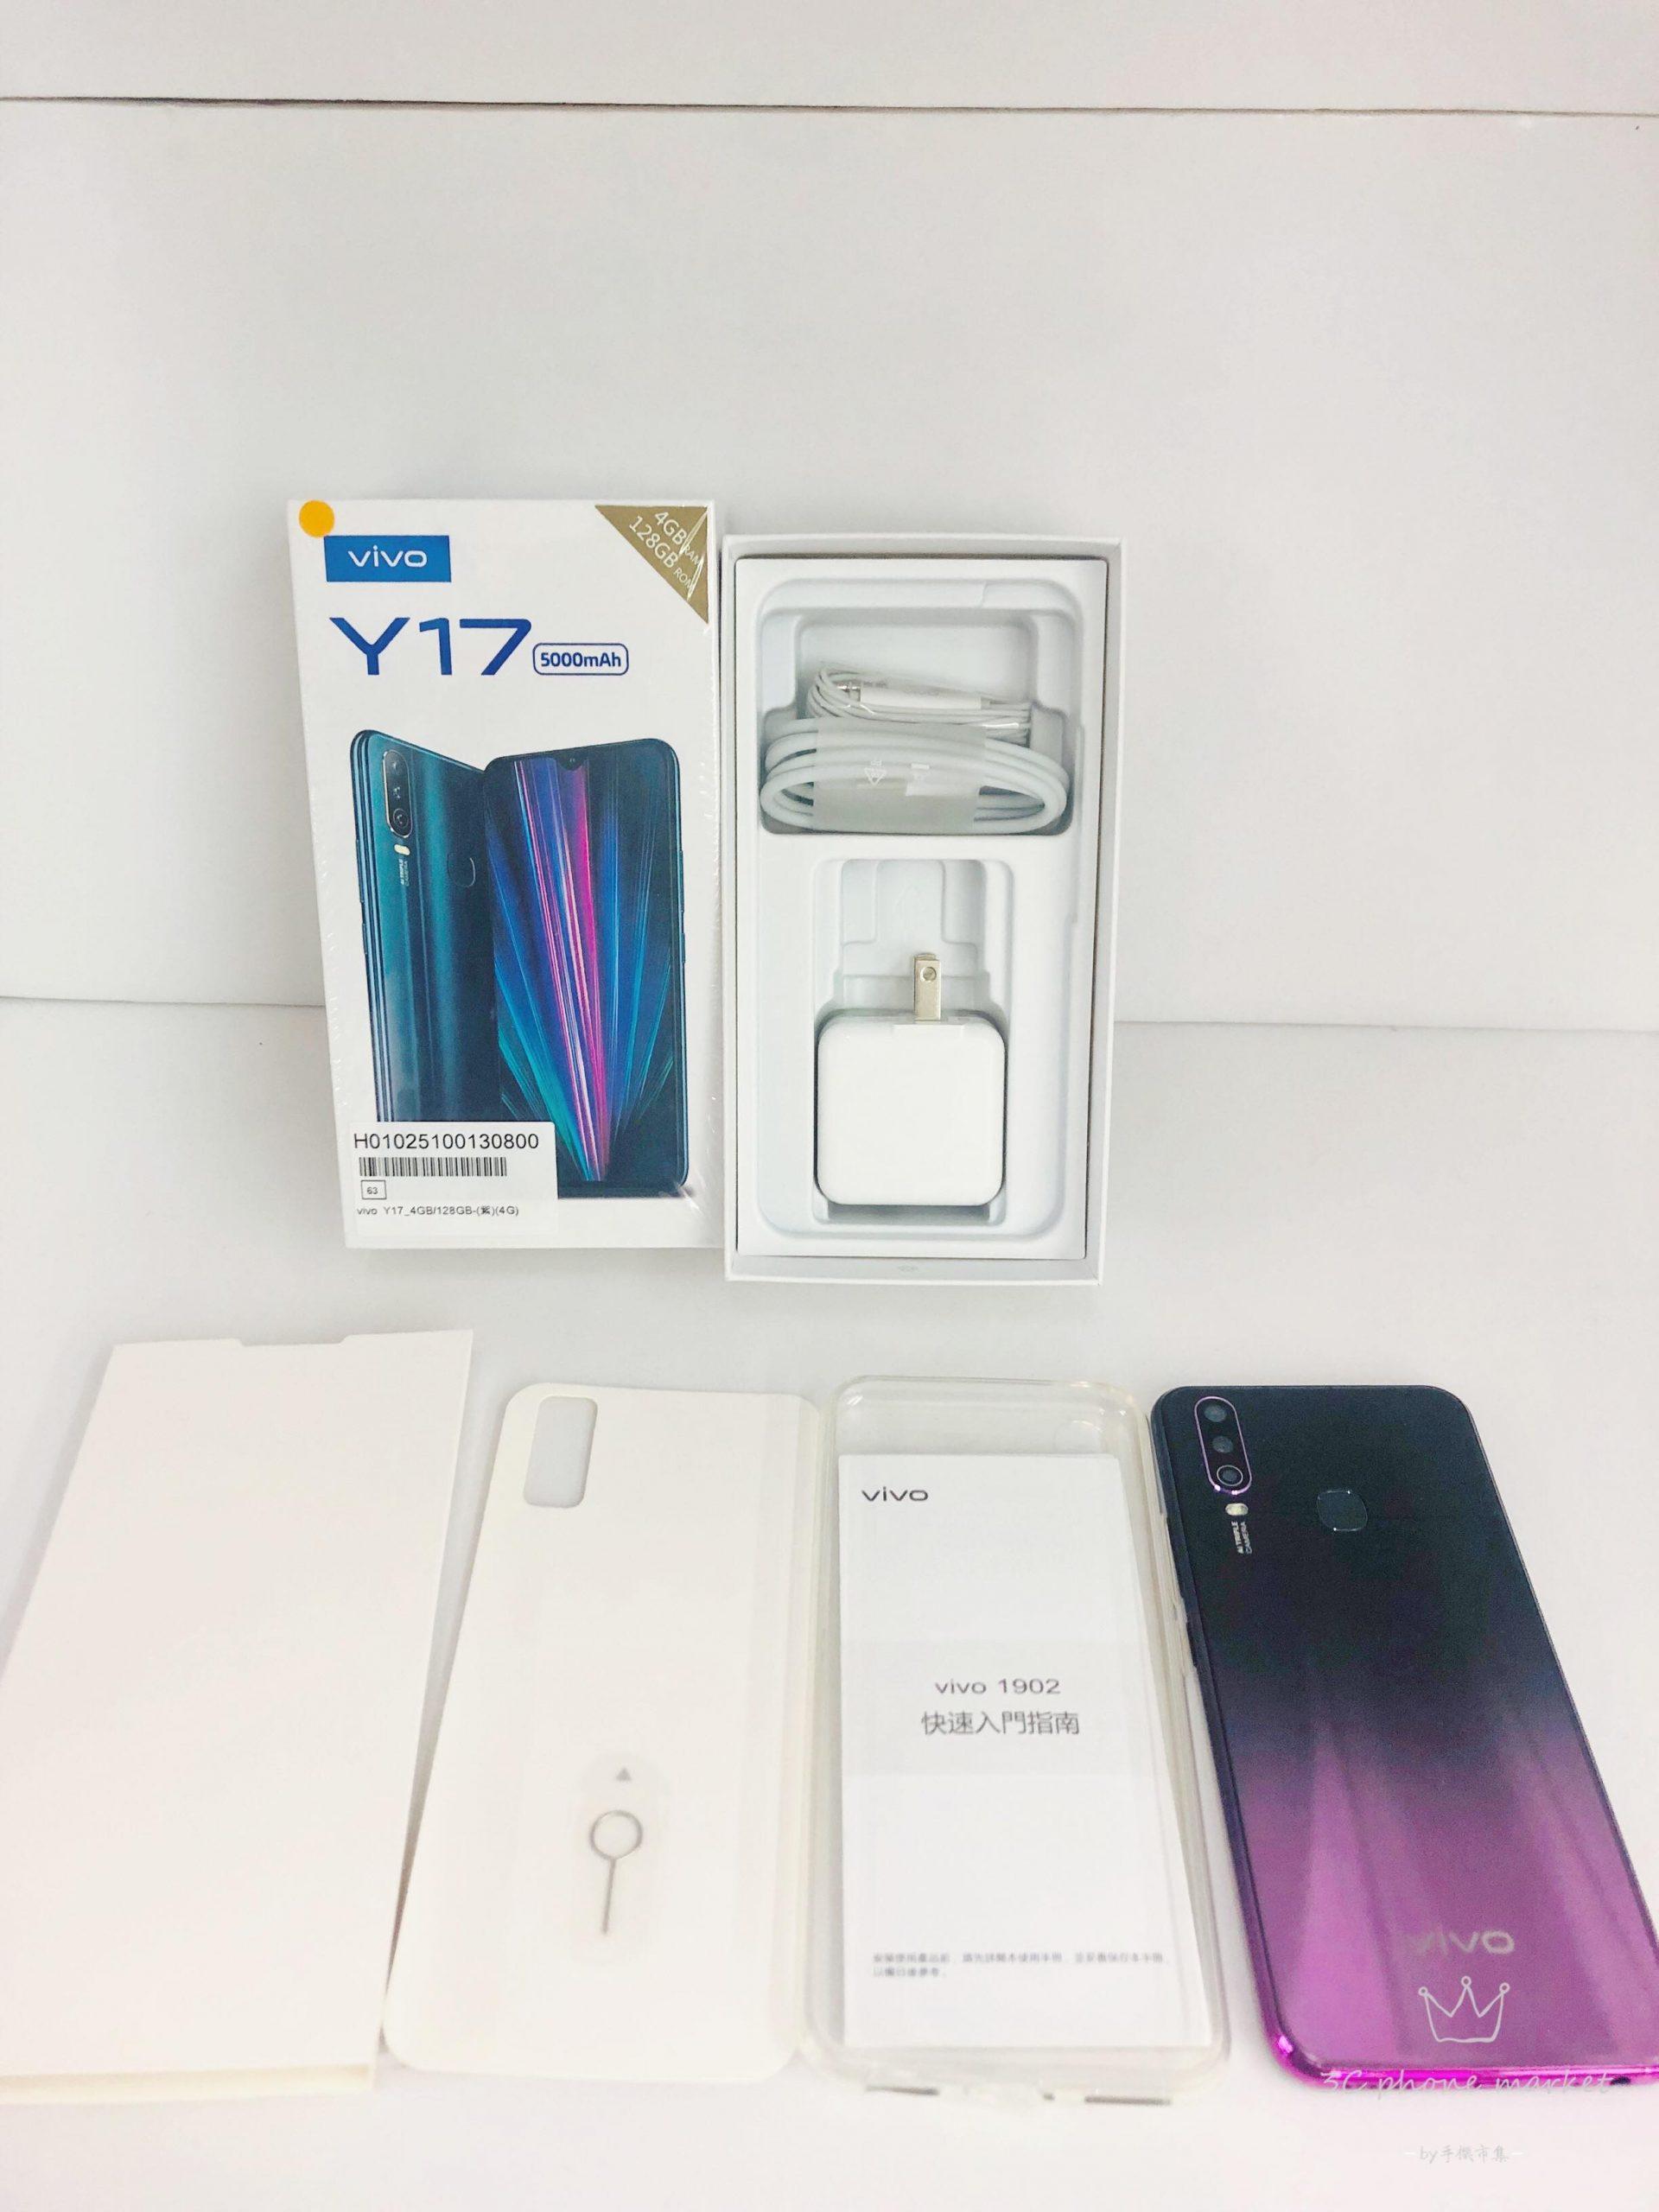 VIVO Y17 手機開箱圖實拍照